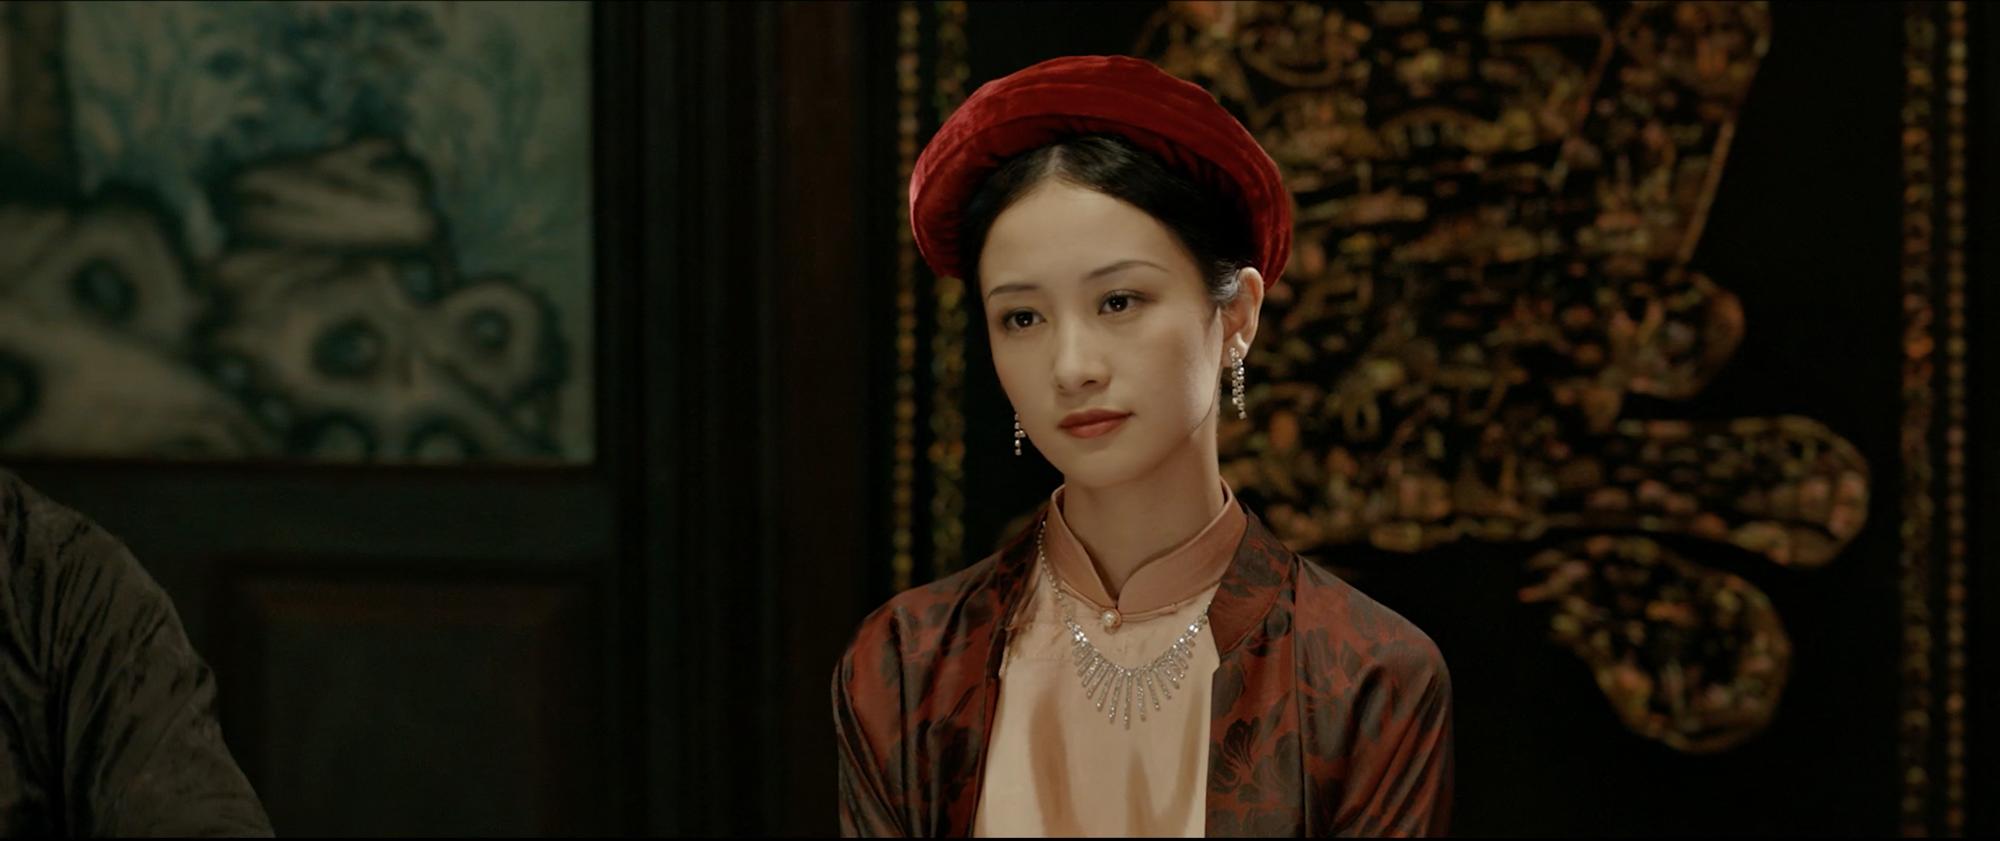 Ả đào Jun Vũ hứa hẹn lột xác bằng cảnh nóng với Quách Ngọc Ngoan trong Người Bất Tử - Ảnh 5.